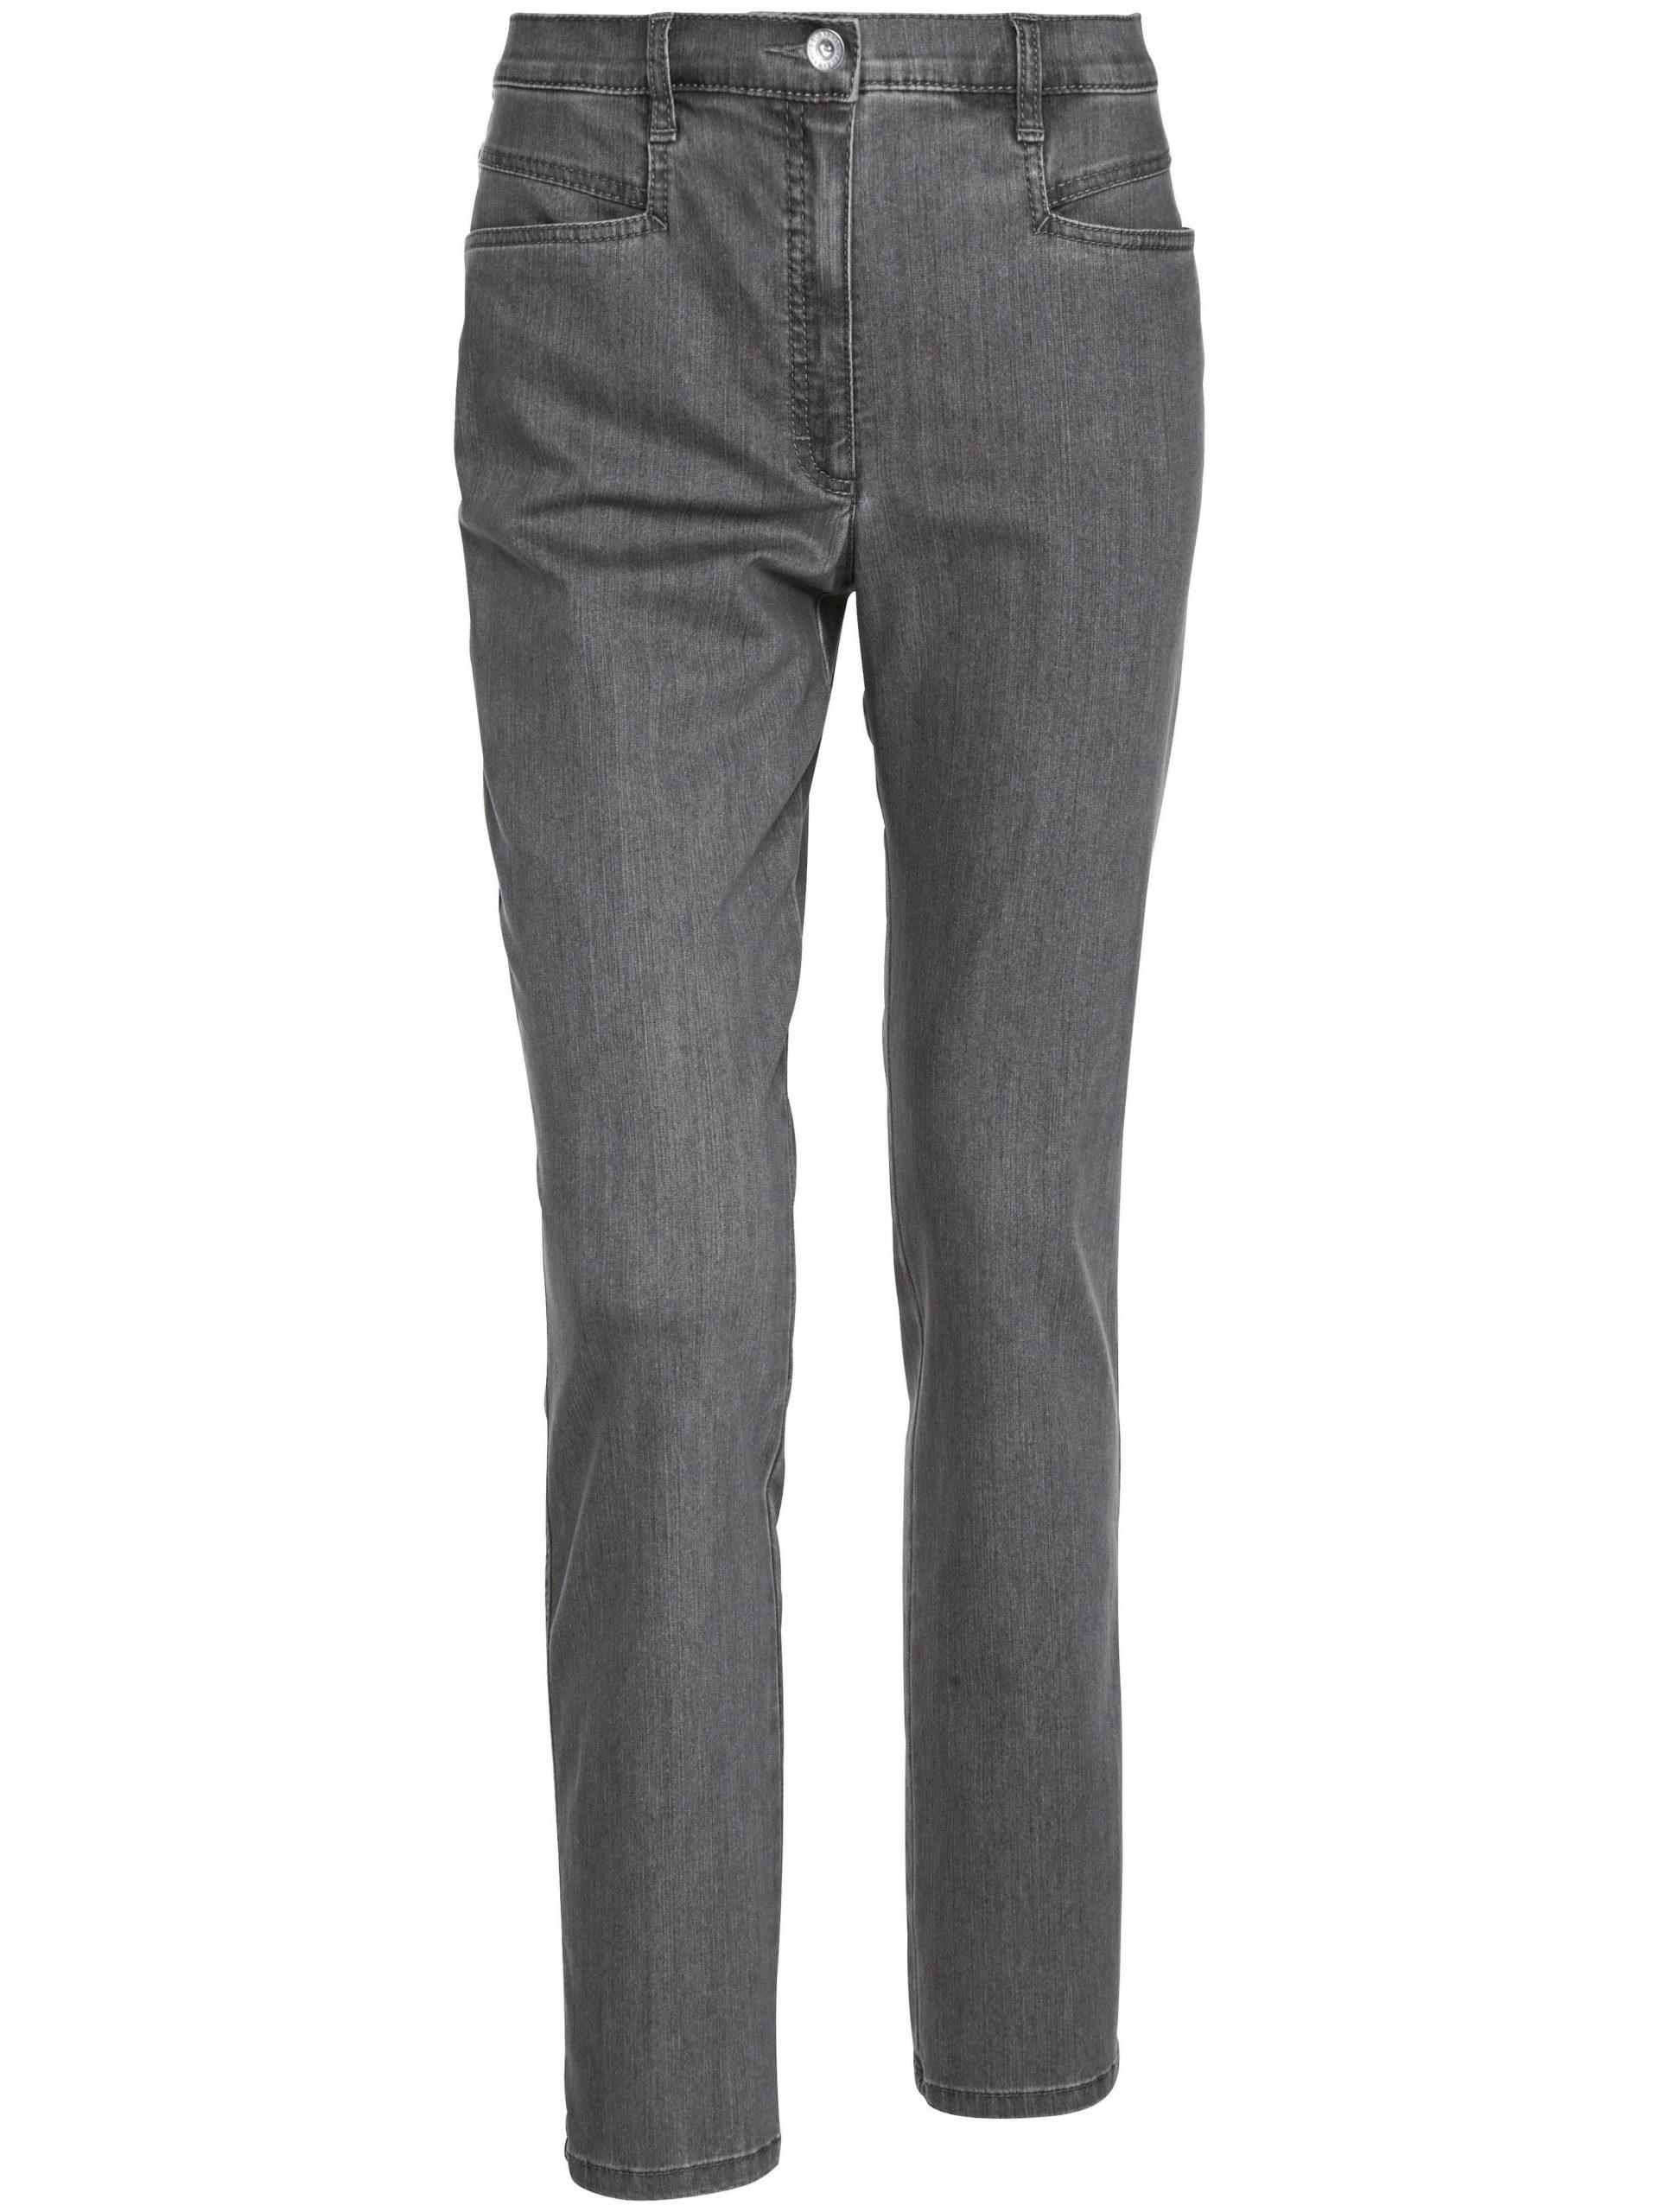 Jeans Van Raphaela by Brax denim Kopen